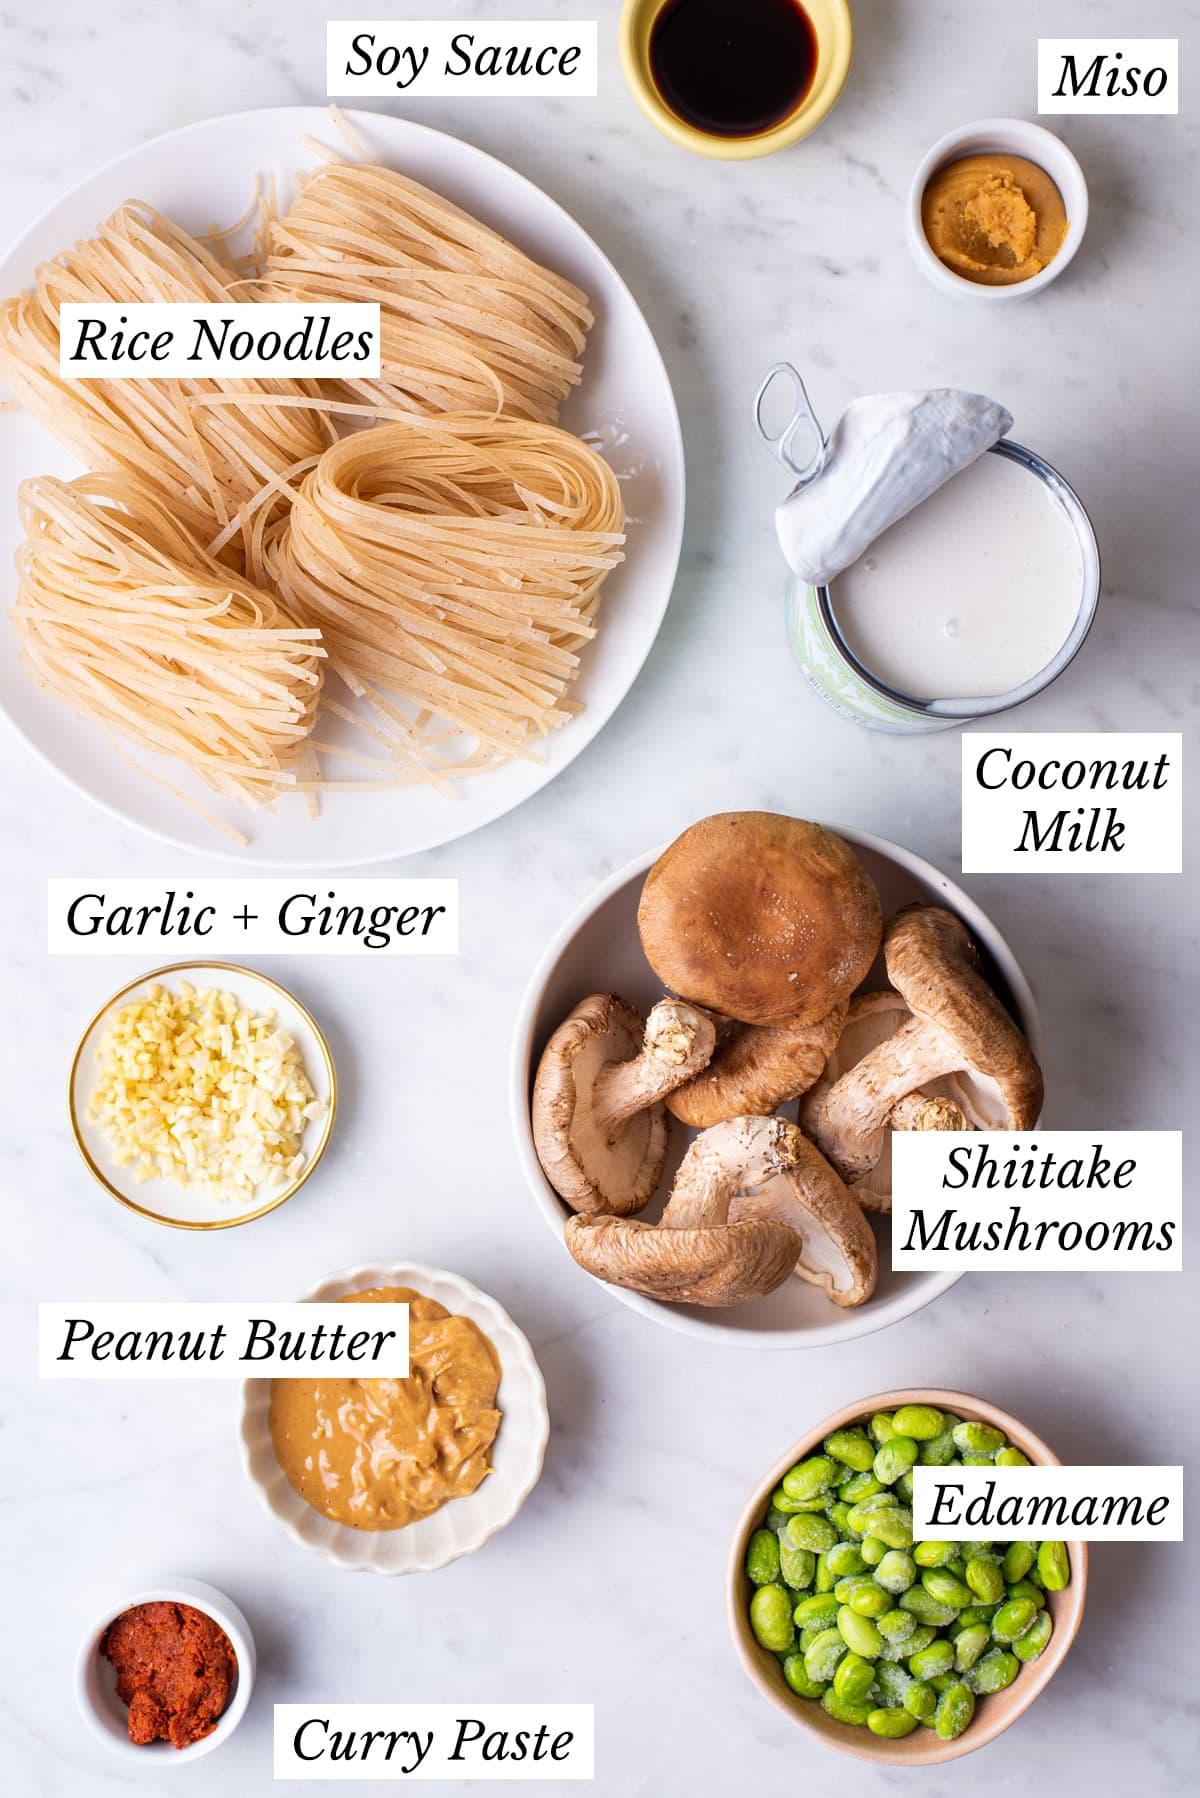 Ingredients gathered to make vegan peanut miso noodles.